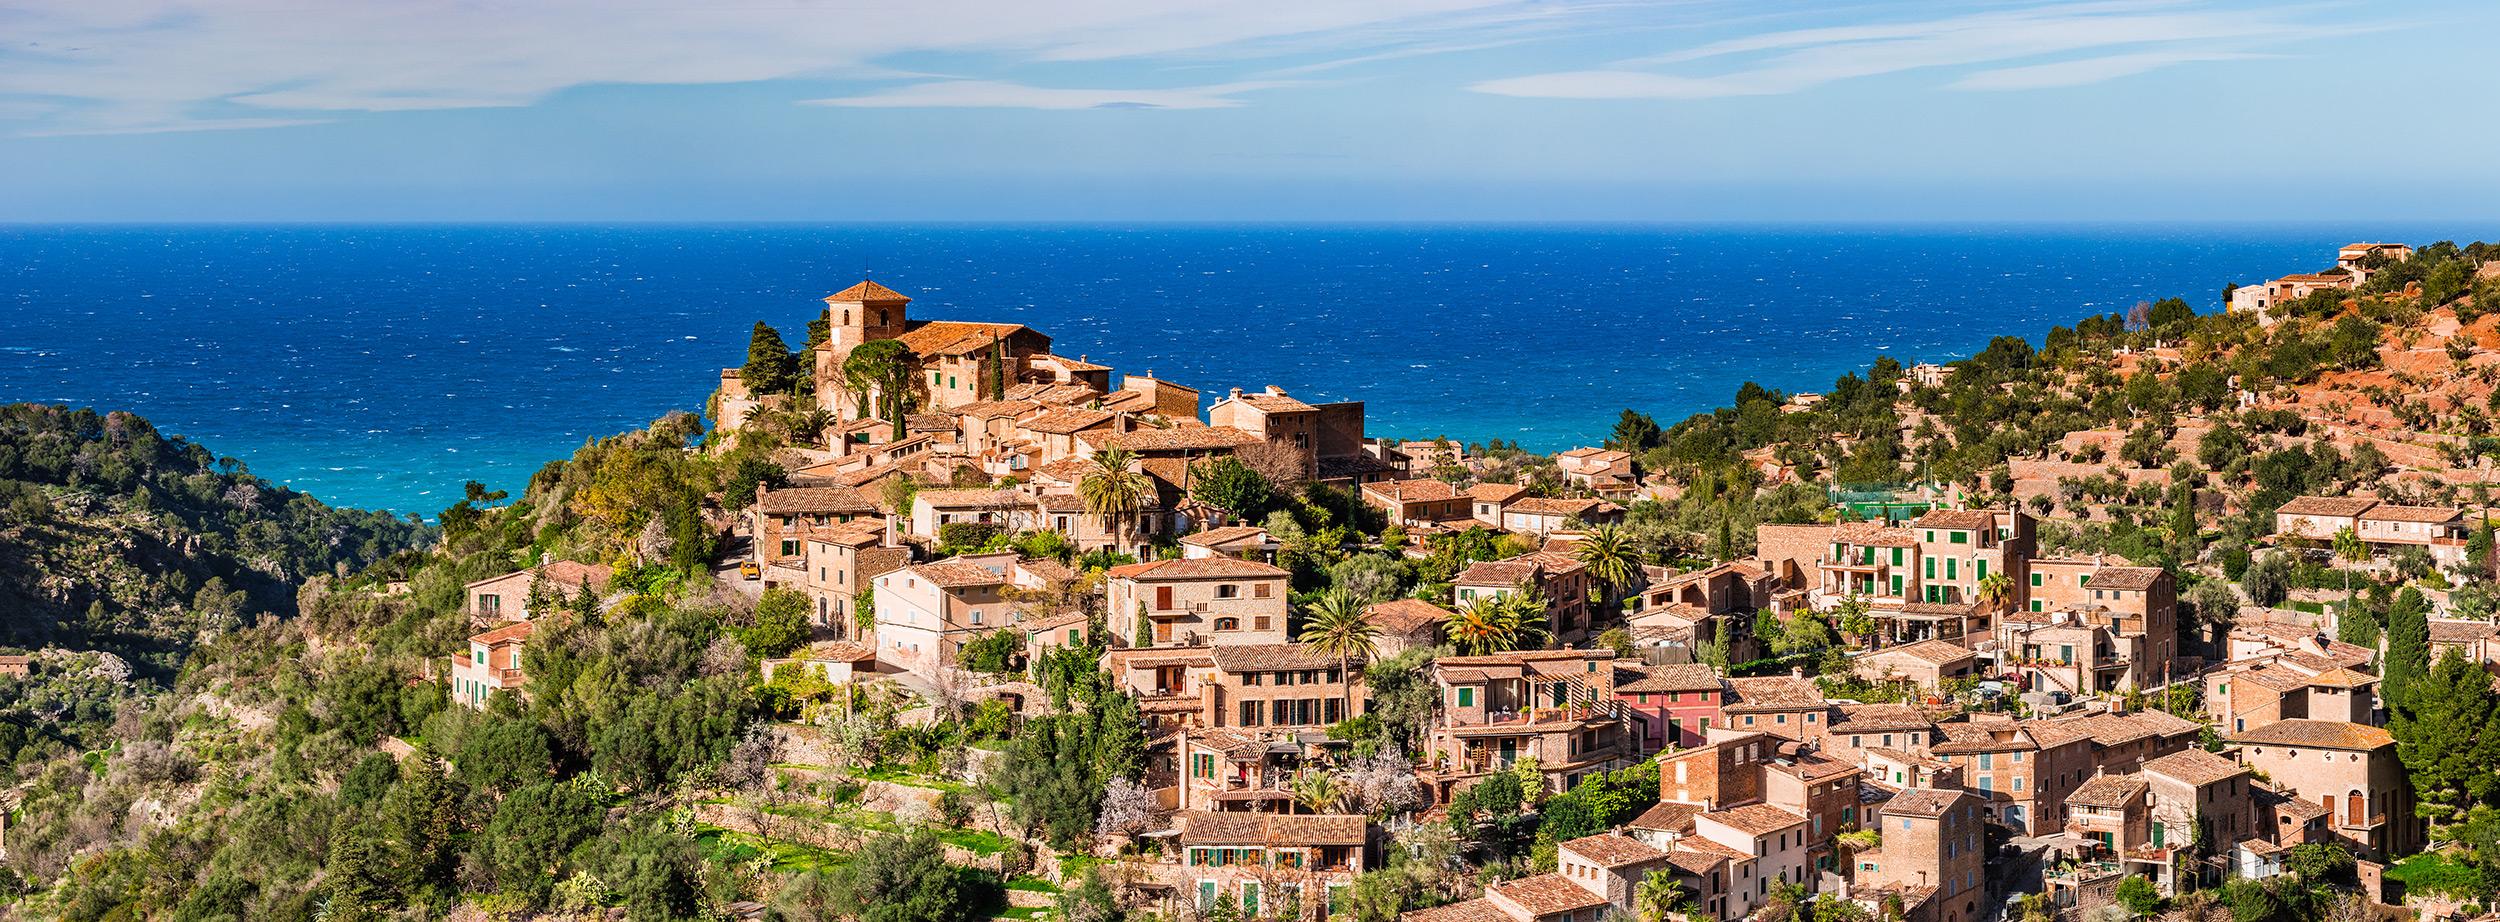 Hotel Mallorca Mit Dachterrasse